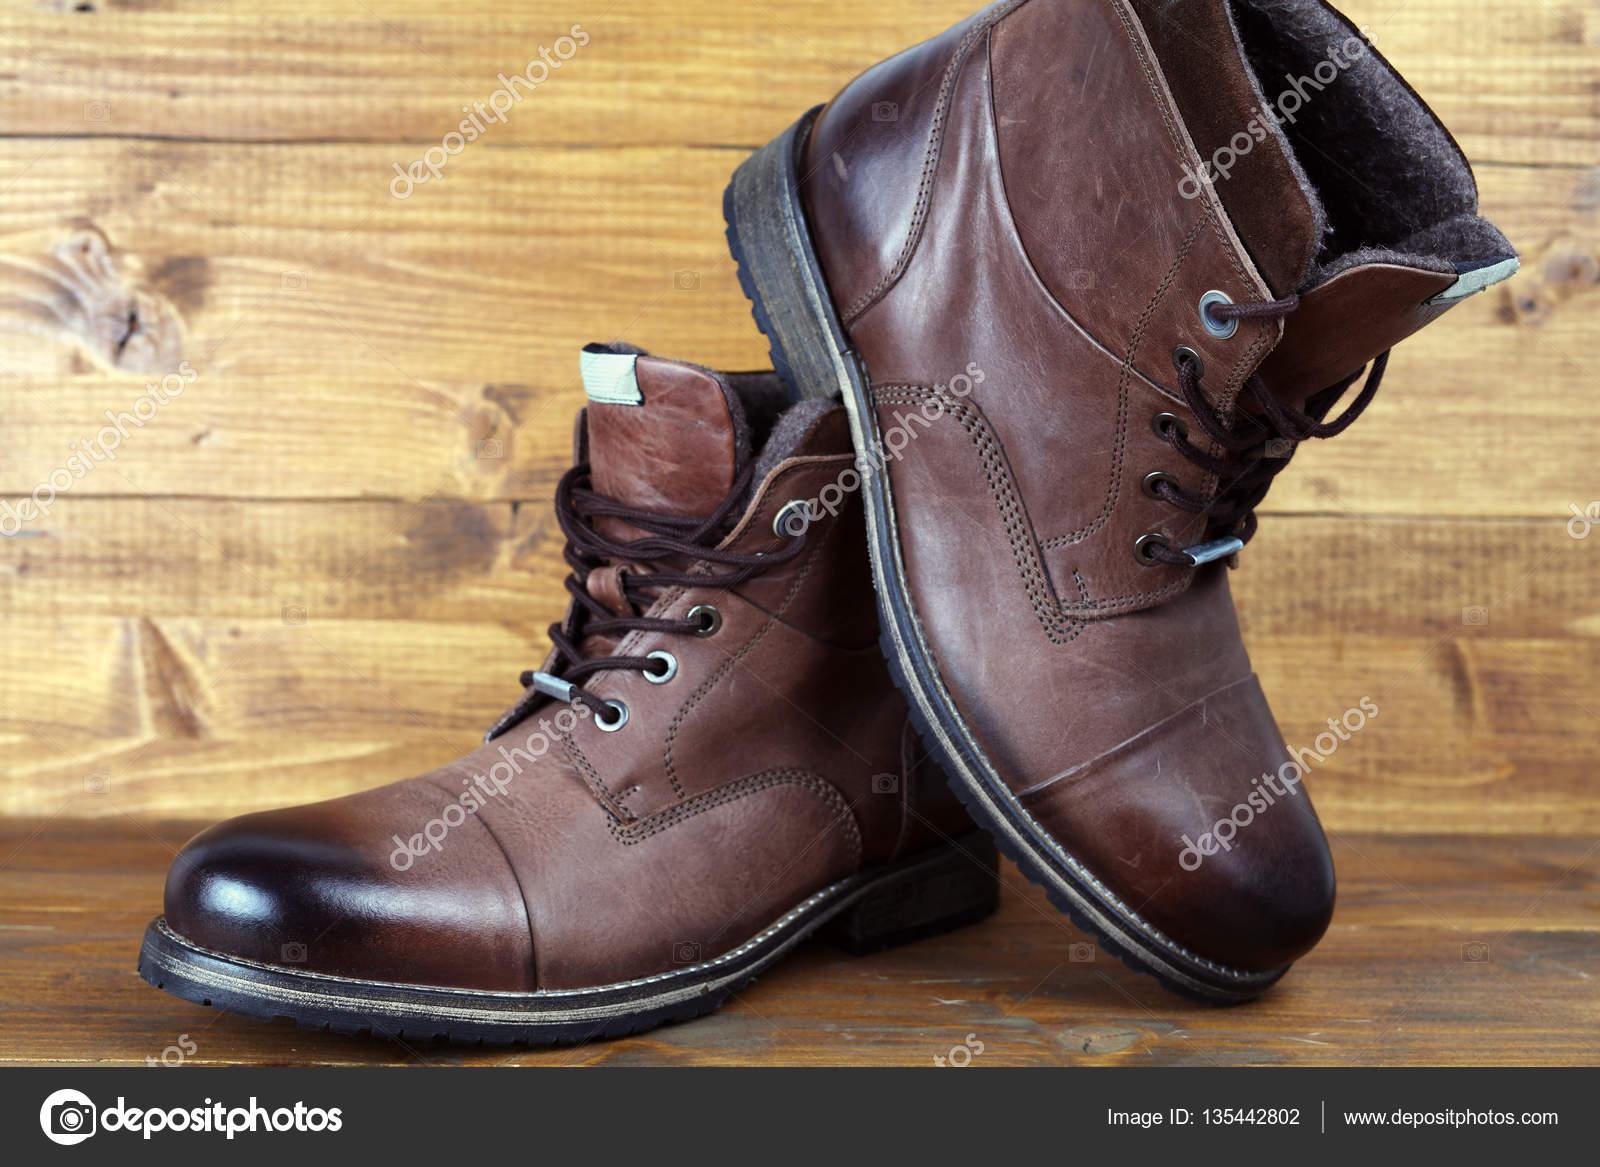 Botas Hombre Invierno Para Marrón Zapatos De Vintage Altas Cuero x5ngpwAf